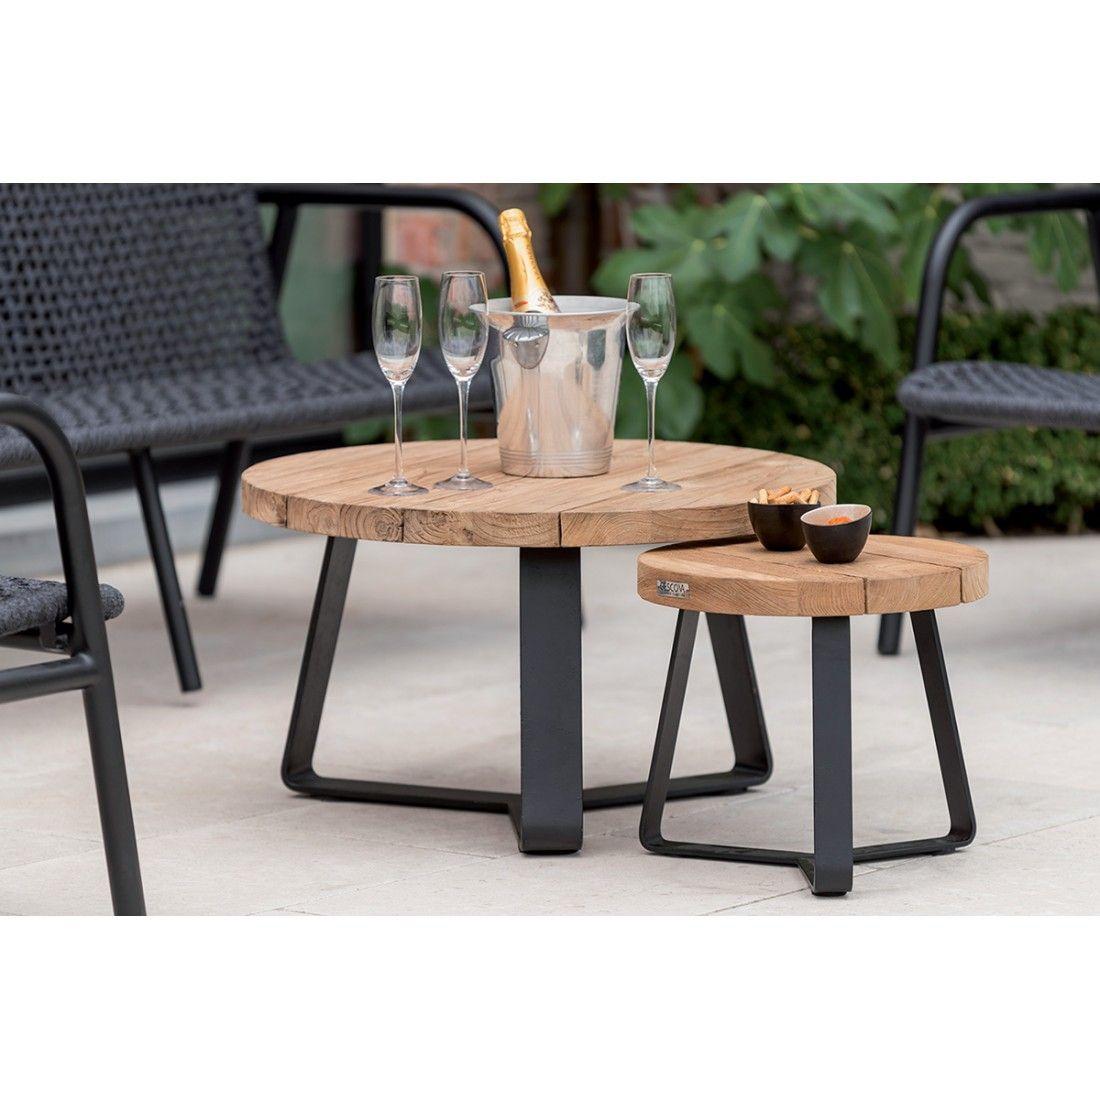 Table de jardin basse et ronde en teck recyclé et acier